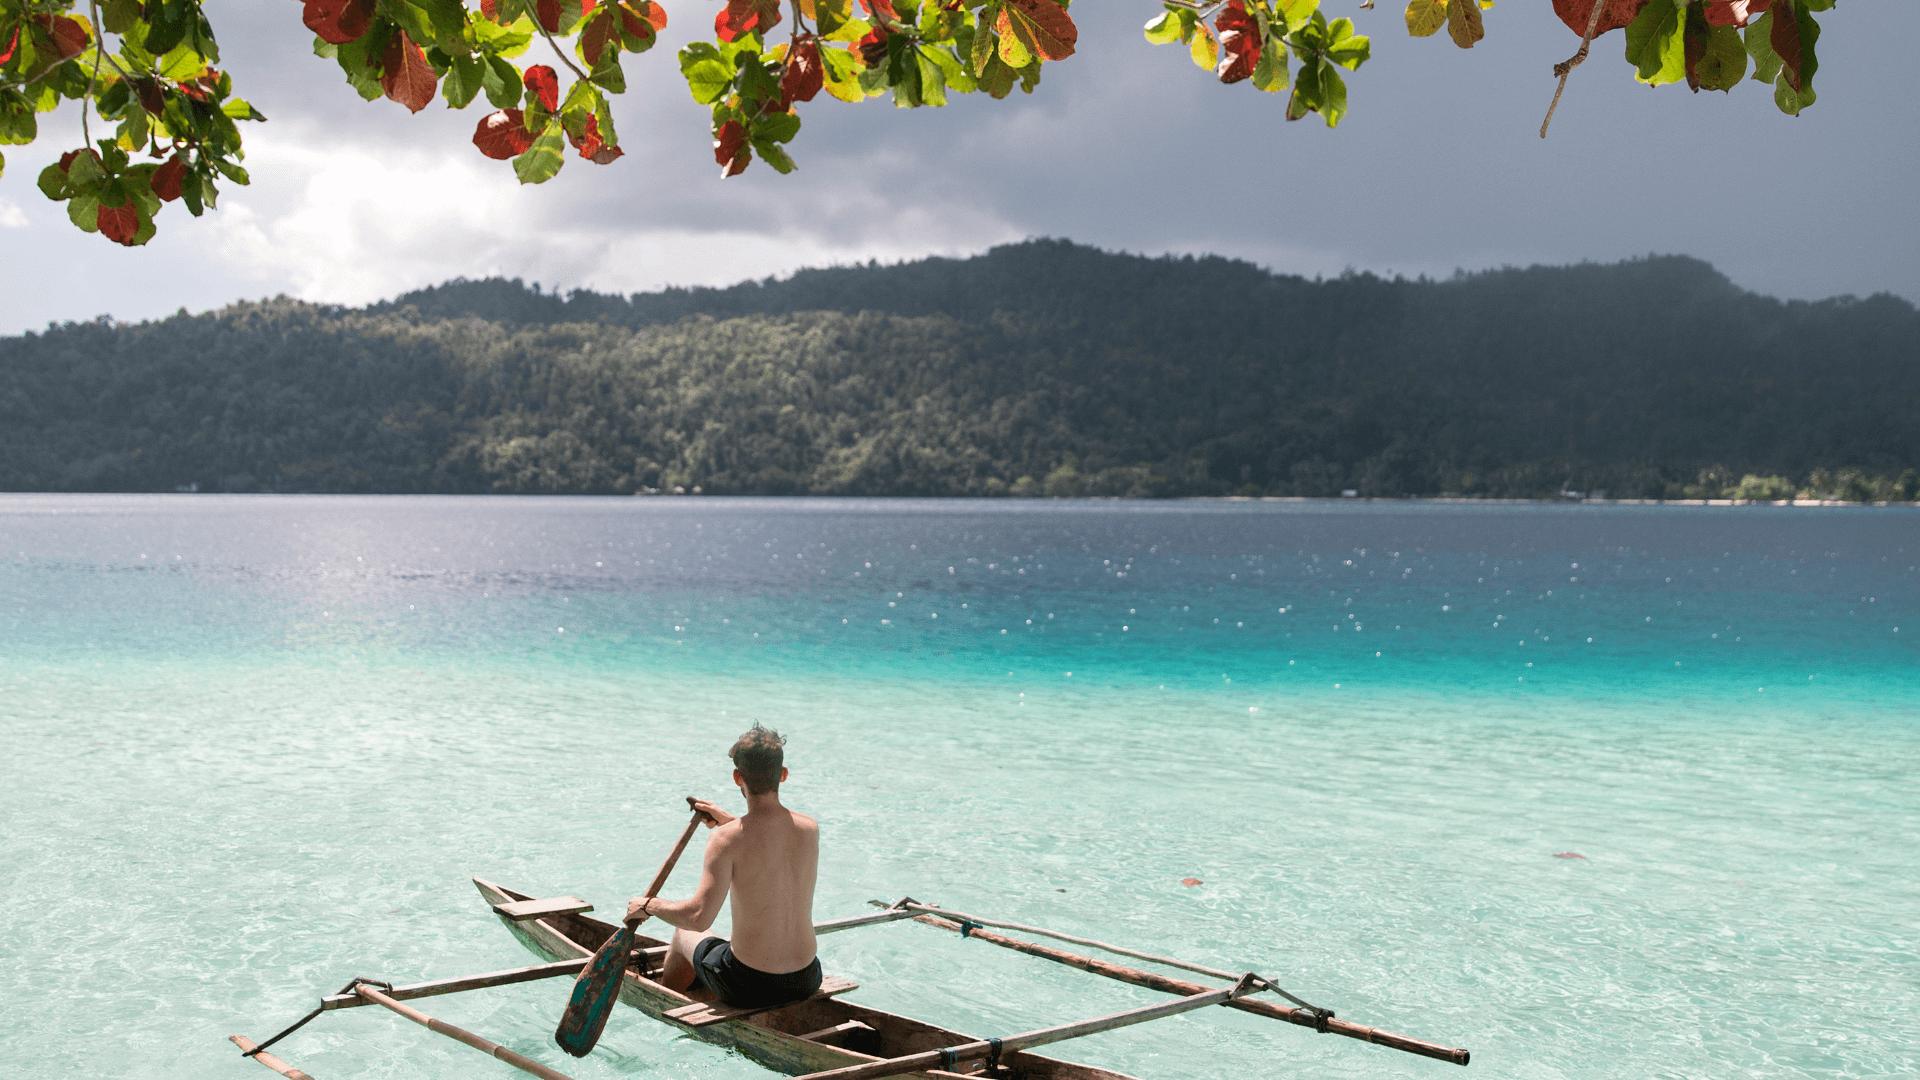 Endonezya'nın kalbine yolculuk...